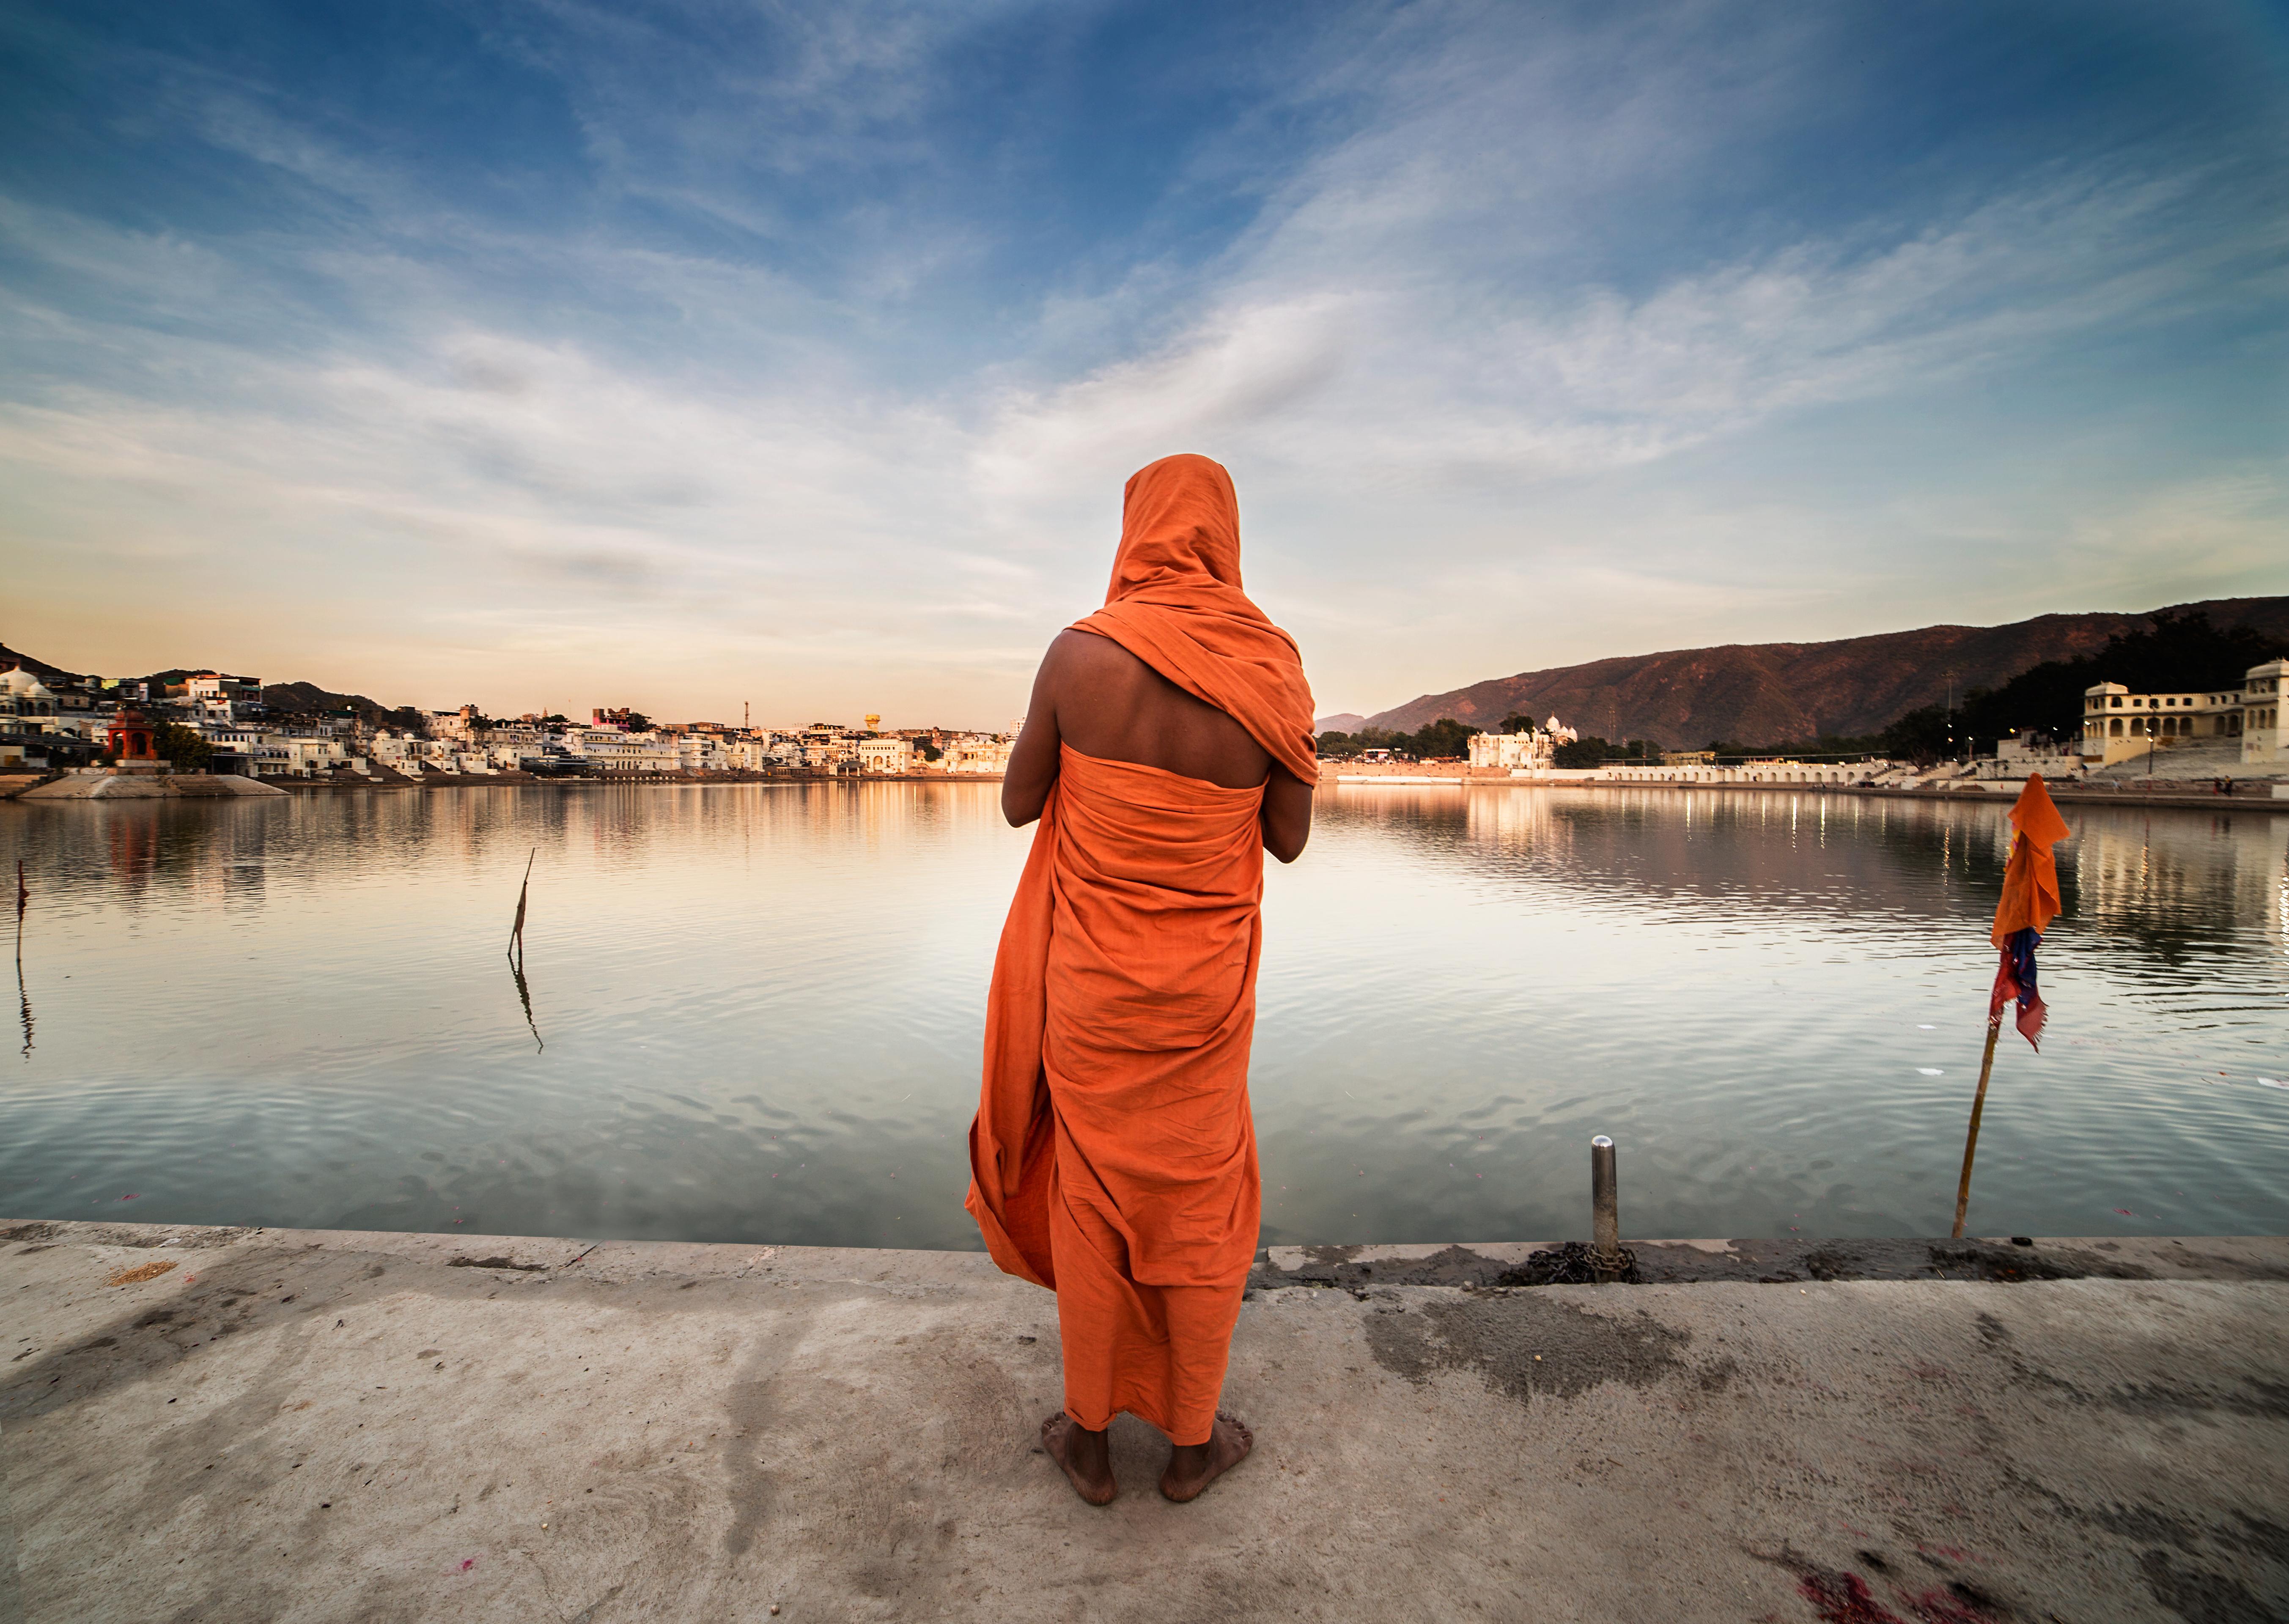 La ciudad sagrada de Pushkar - India Gran Viaje Rutas del Rajasthan